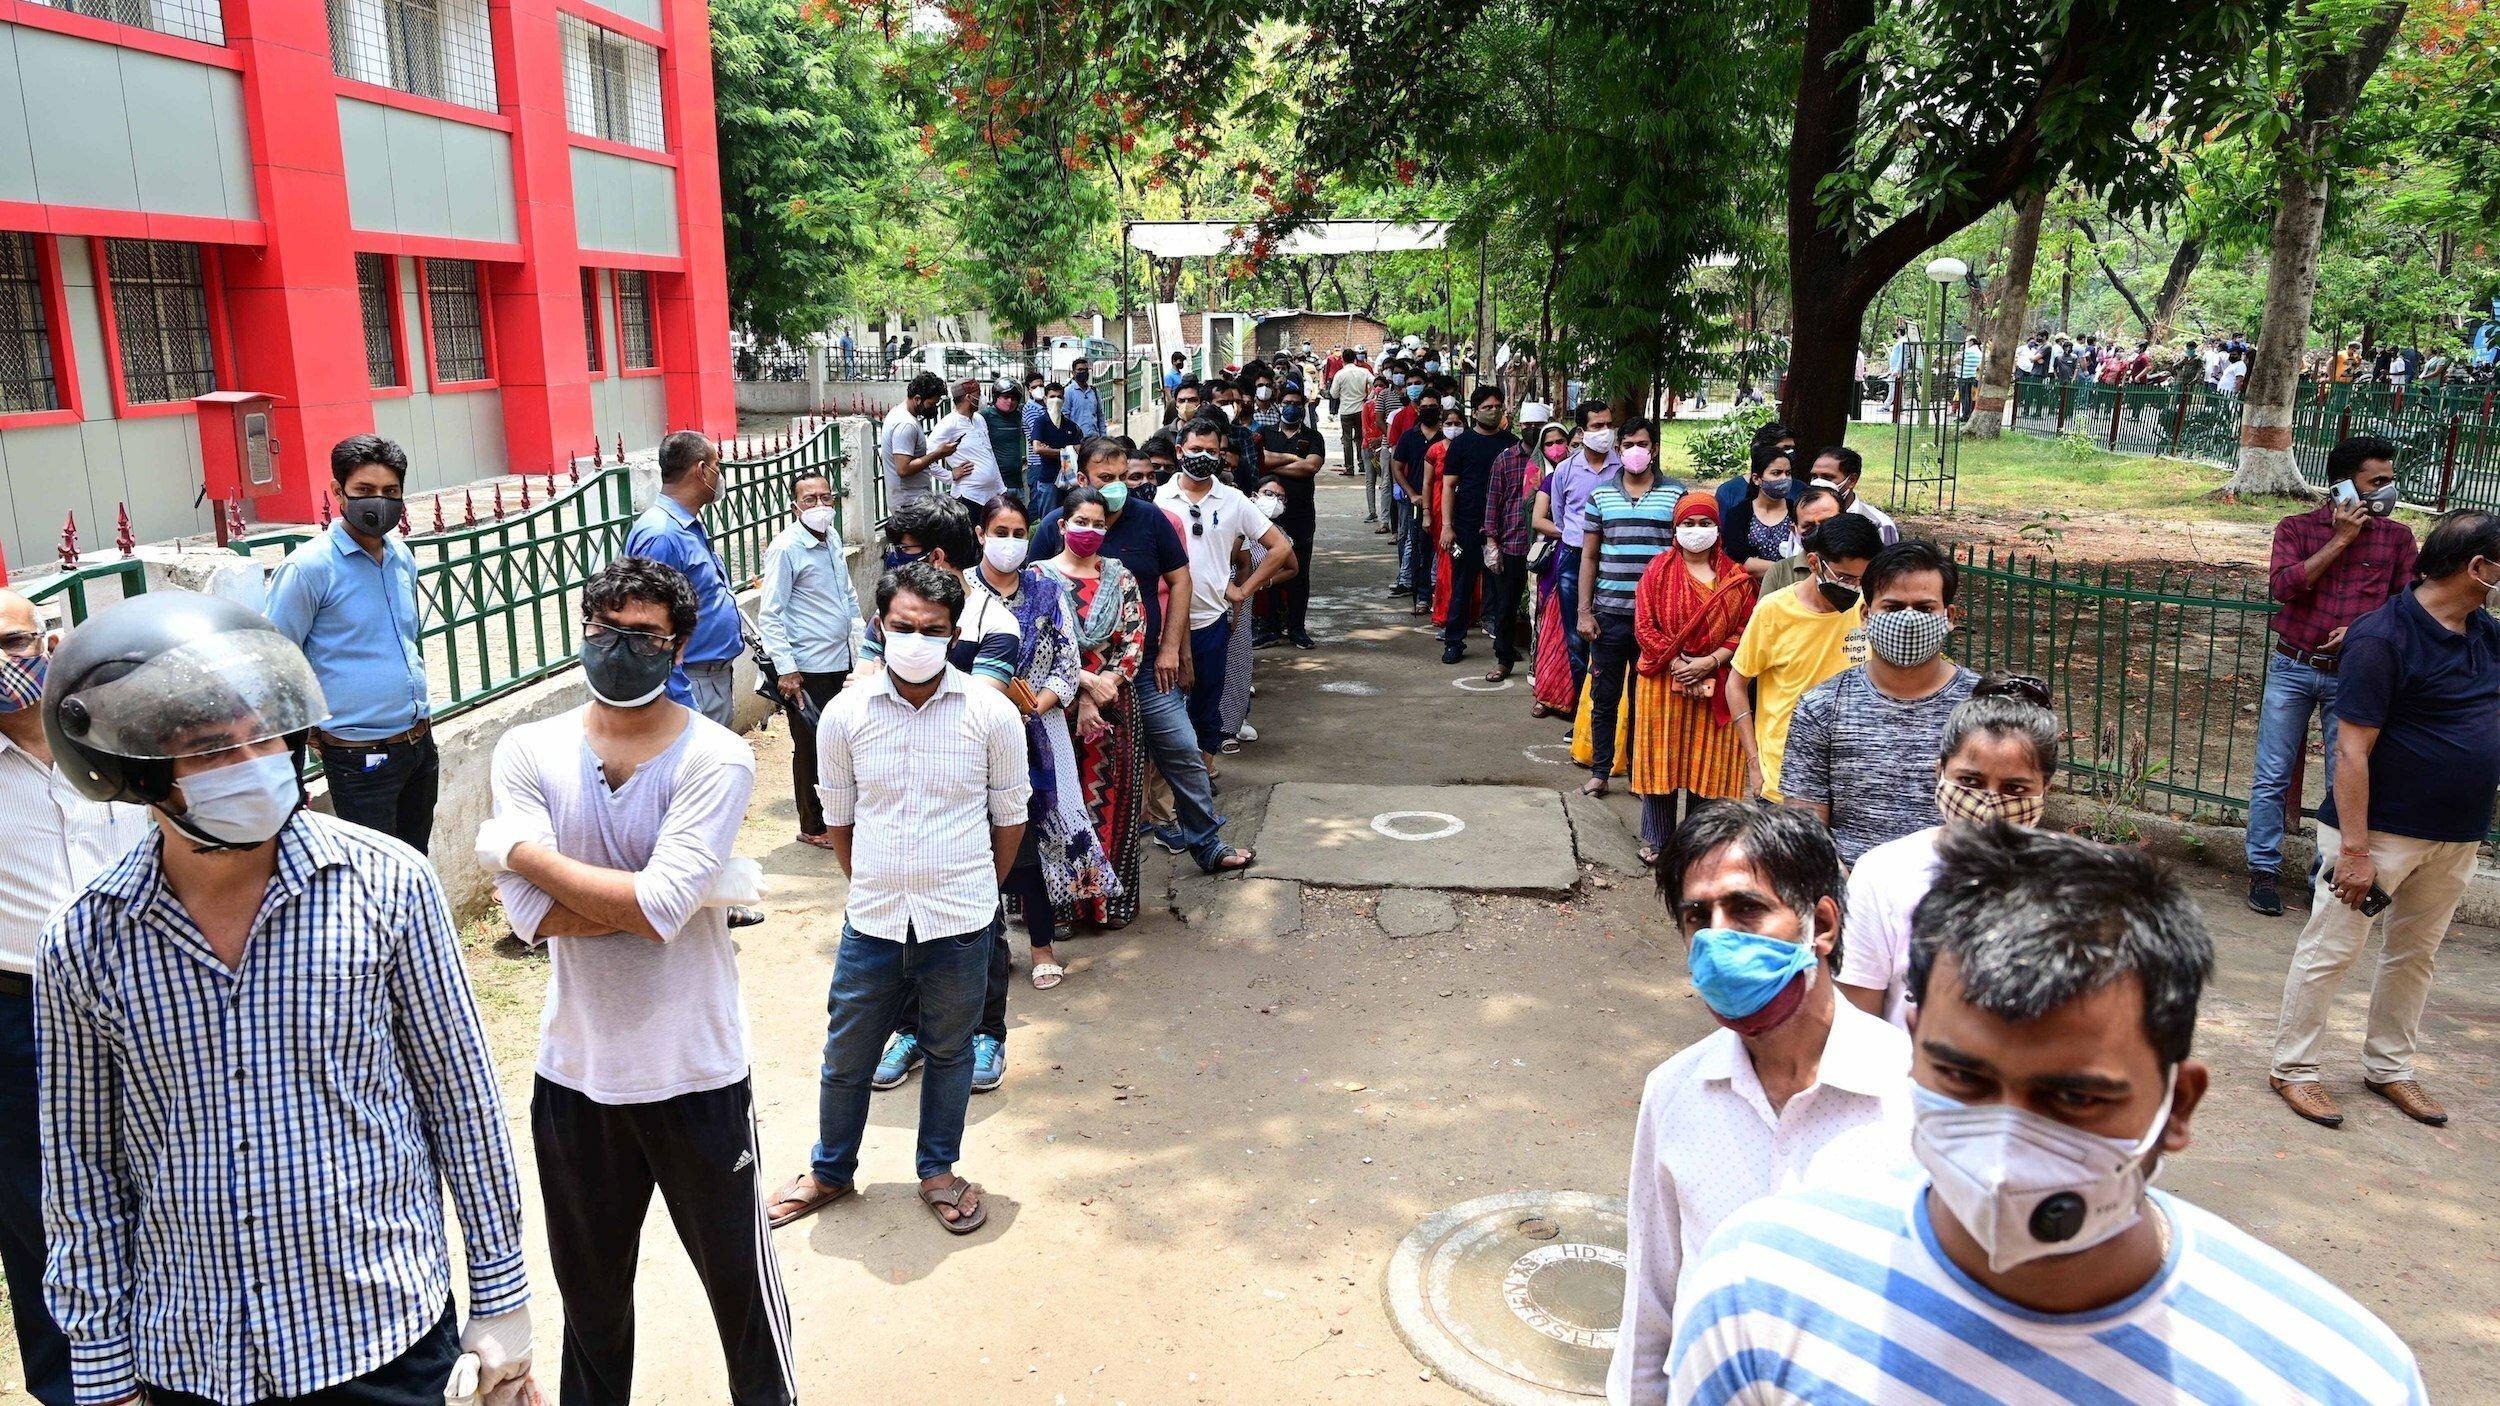 Menschen stehen in einer langen Schlange, um eine Dosis des Corona-Impfstoffs zu erhalten. In Indien grassiert die Mutation B.1.617, die deutlich ansteckender ist als andere Varianten.